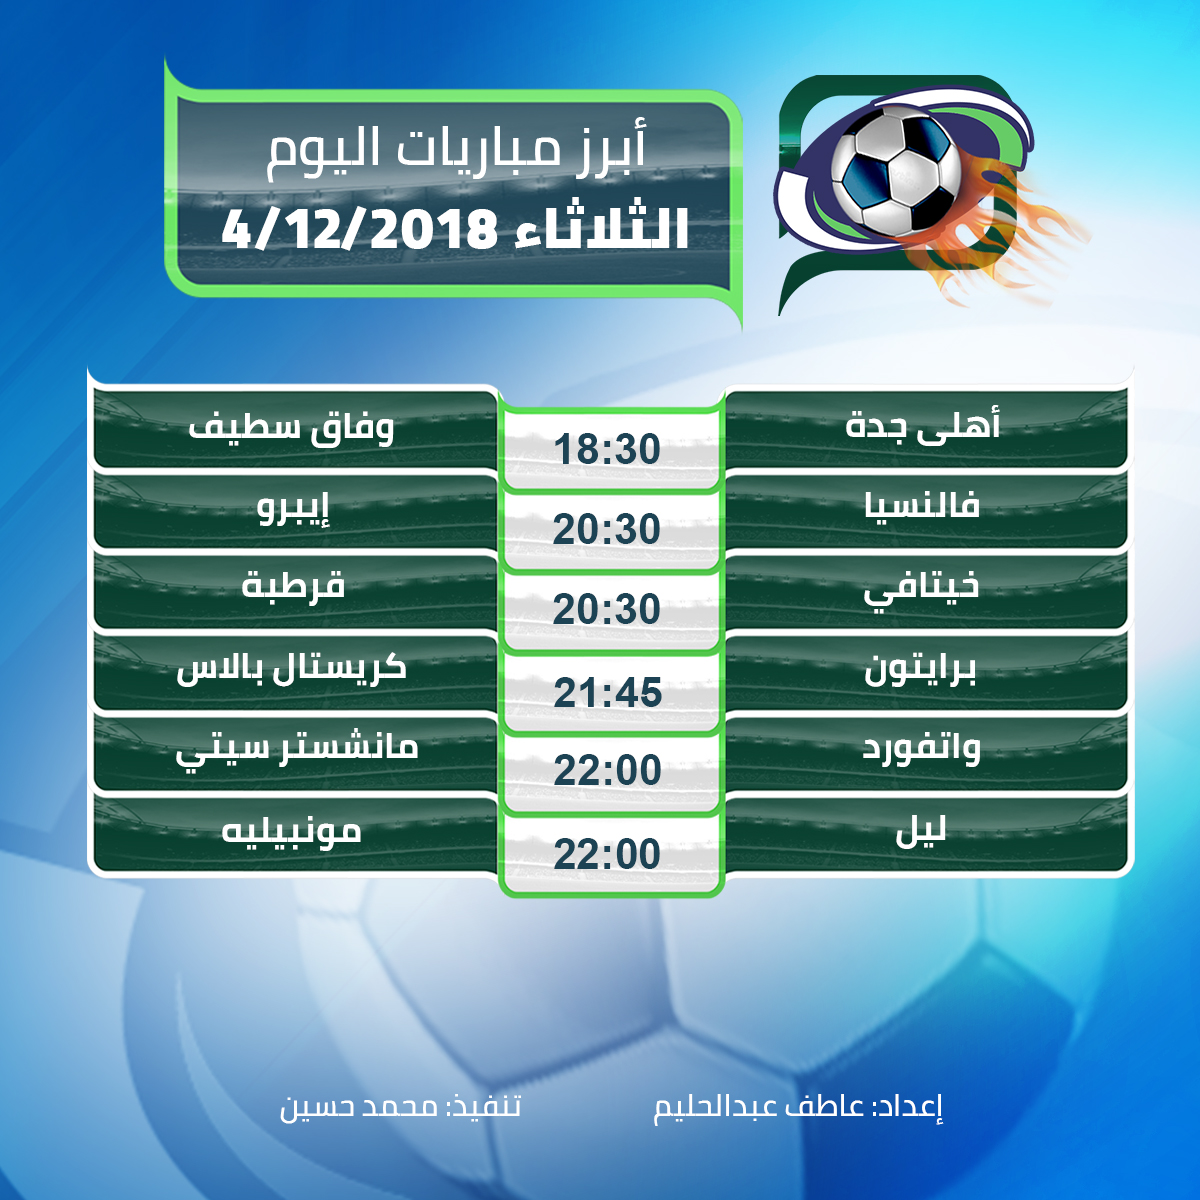 أبرز مباريات اليوم الثلاثاء 03/12/2018